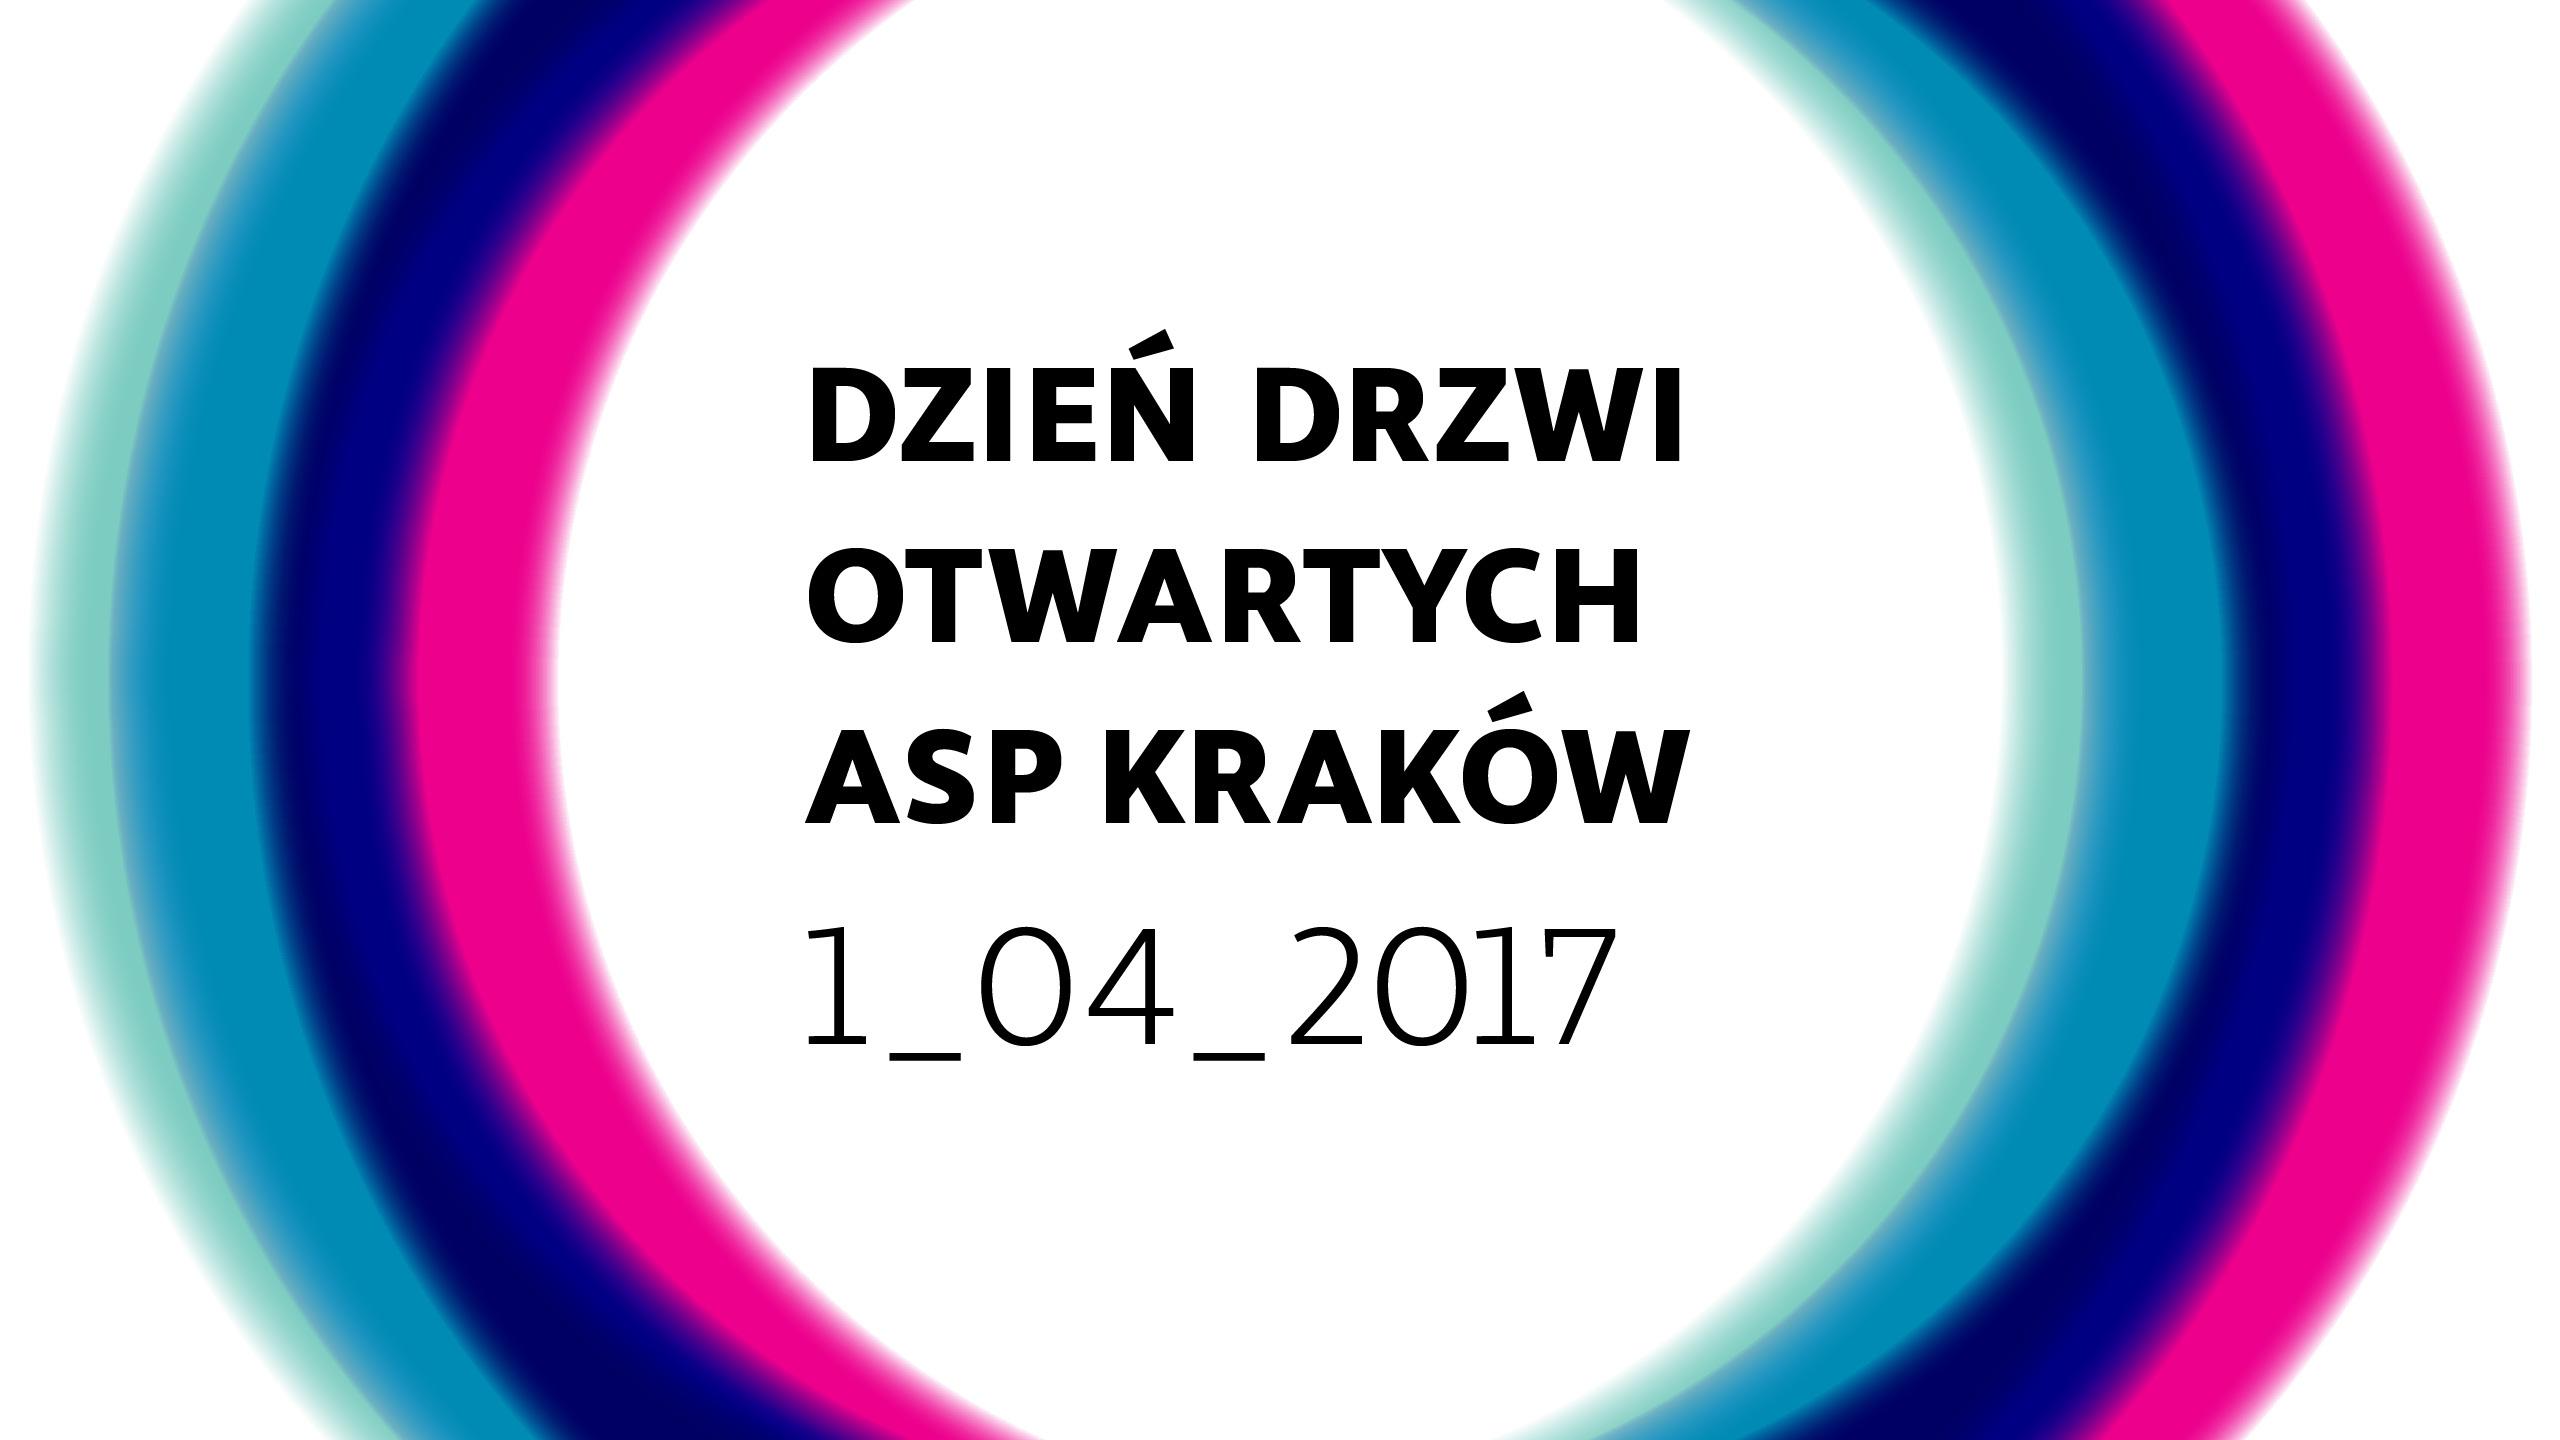 Dzień Drzwi Otwartych 2017